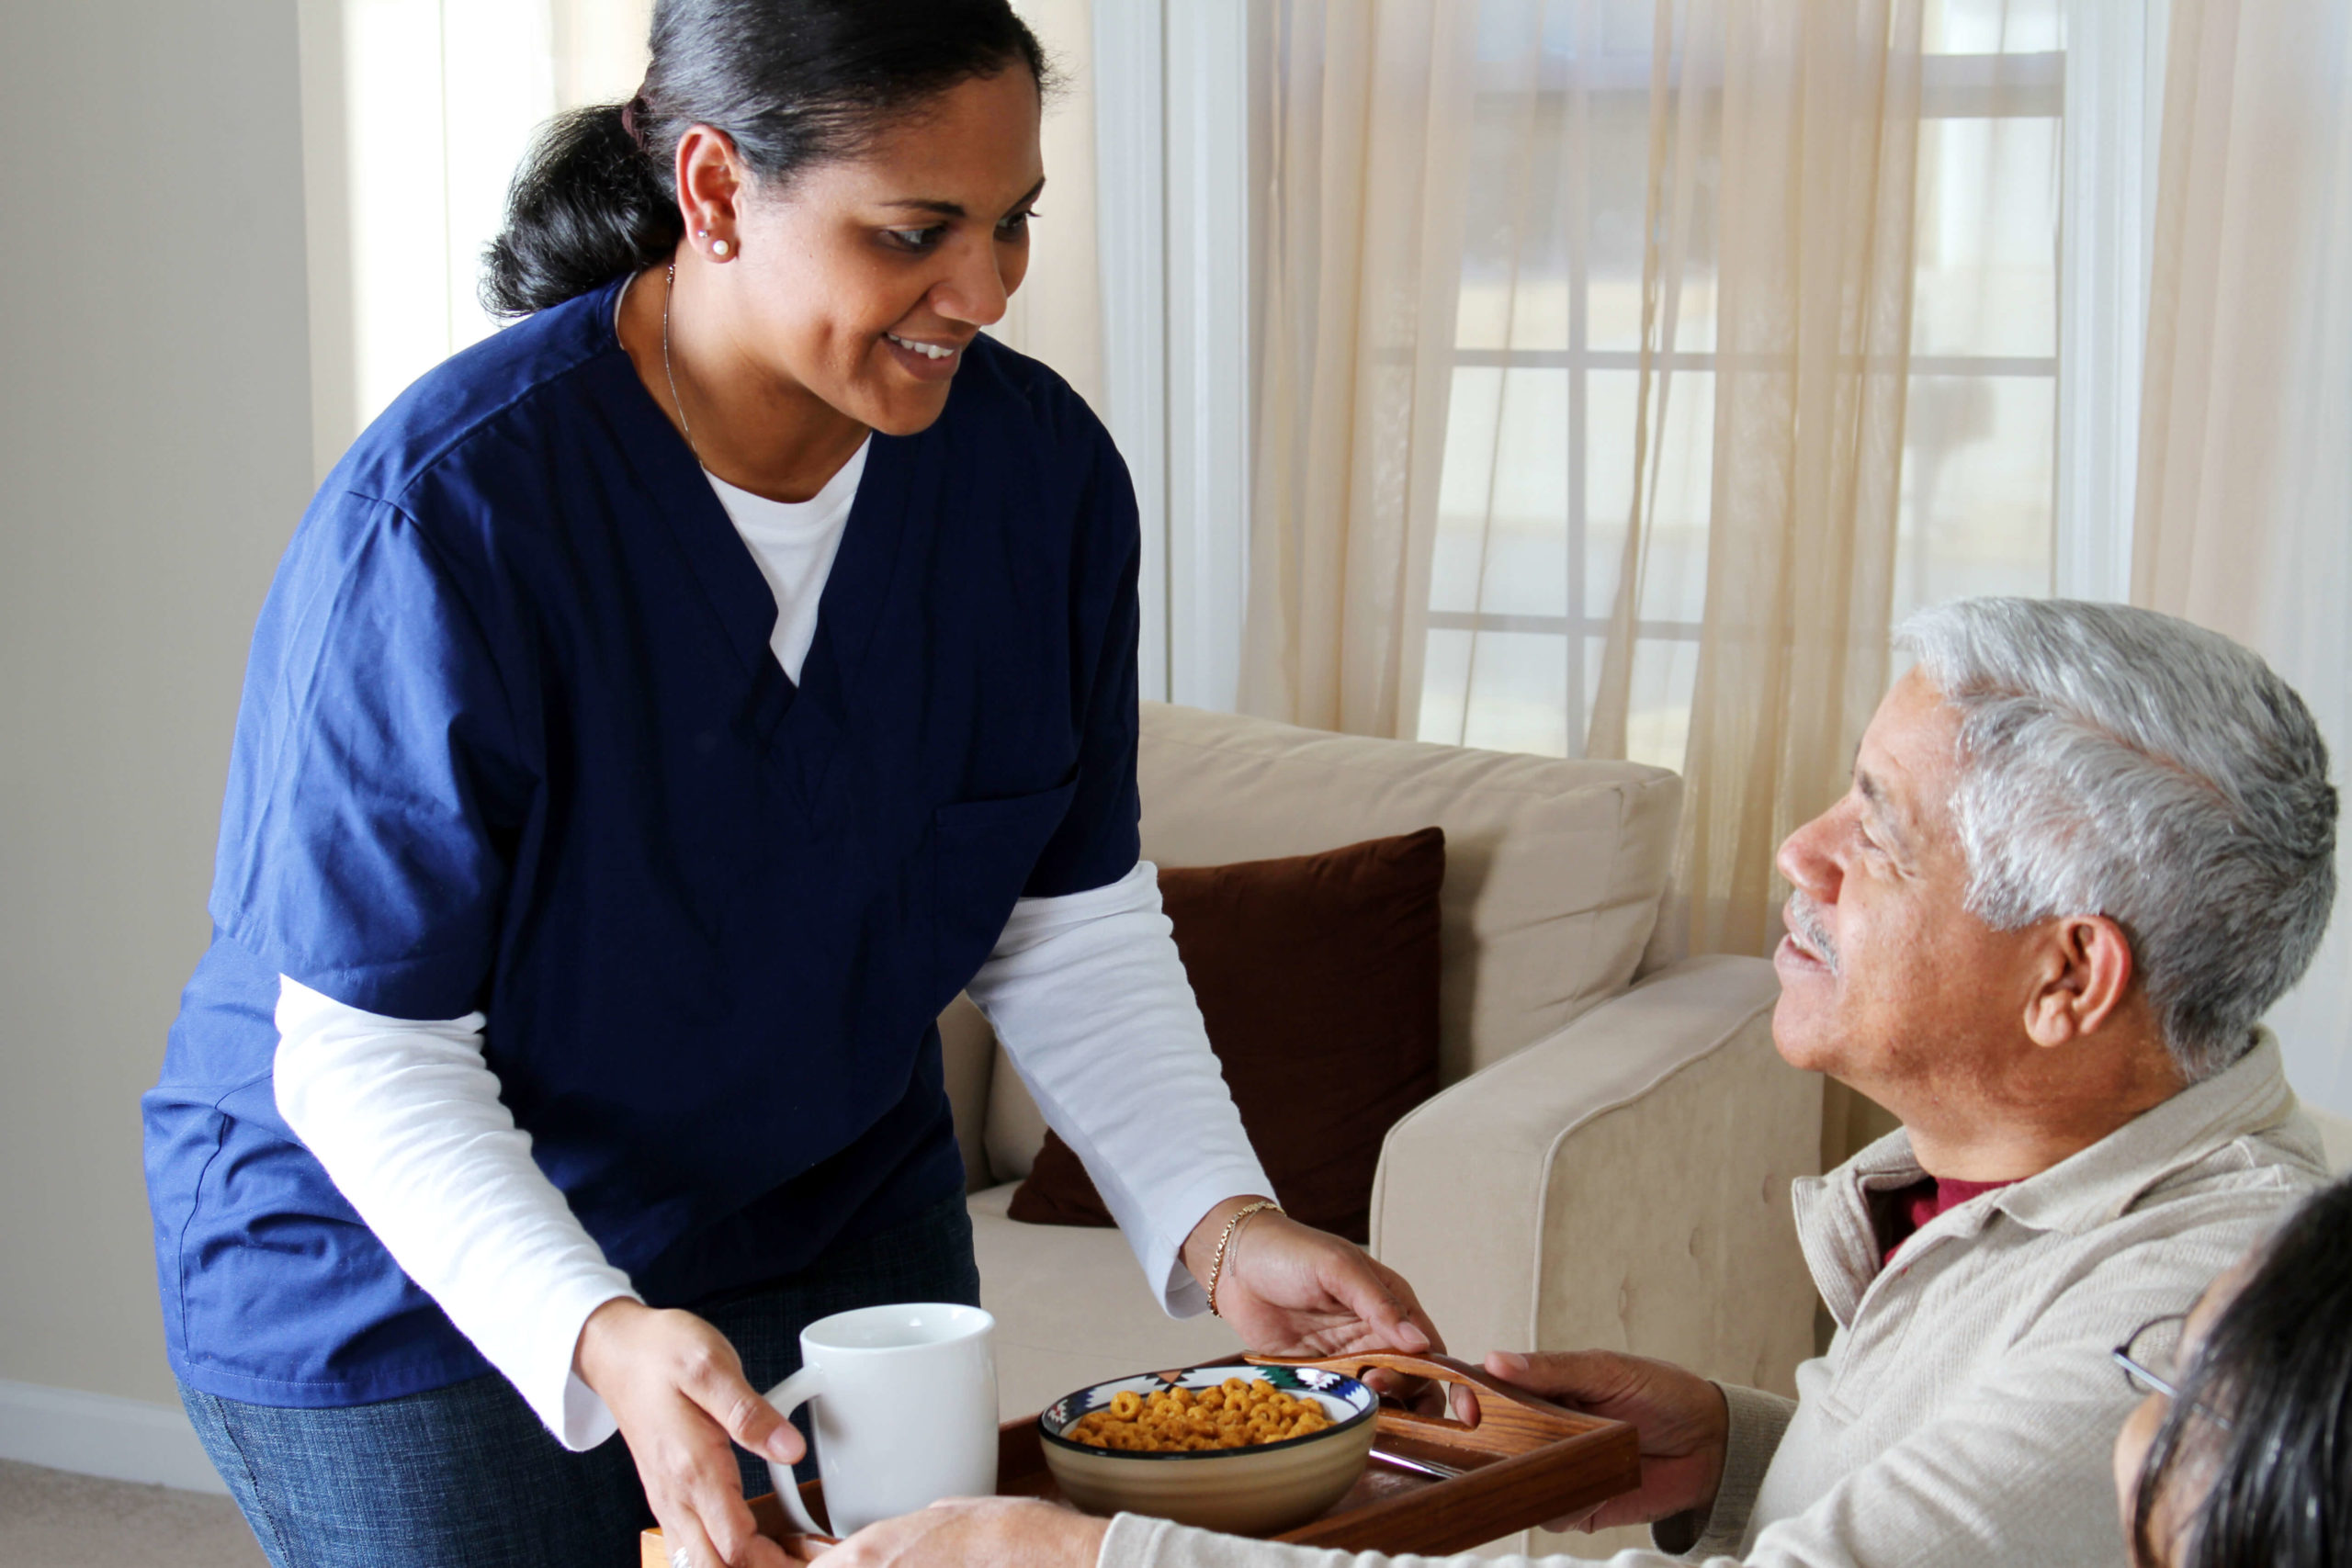 a nurse giving an elderly person a meal